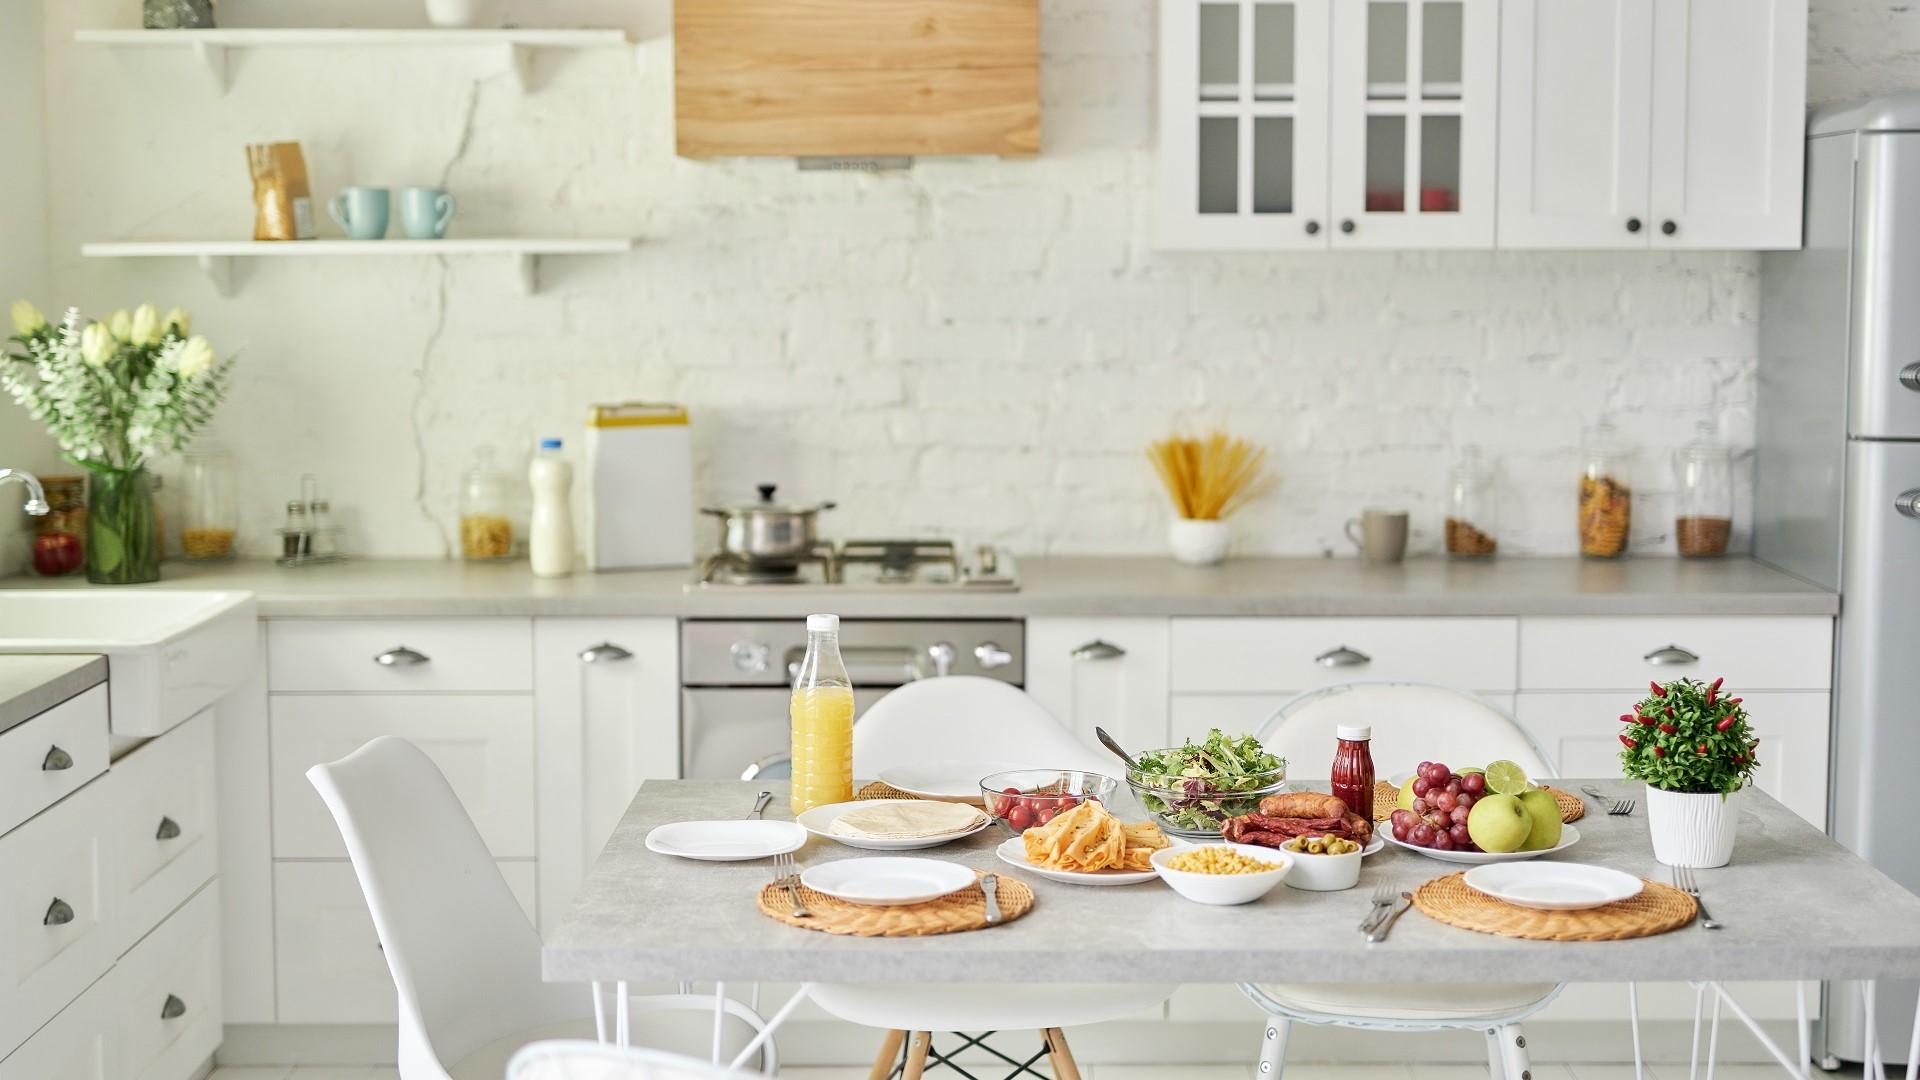 duza kuchnia z biala cegla